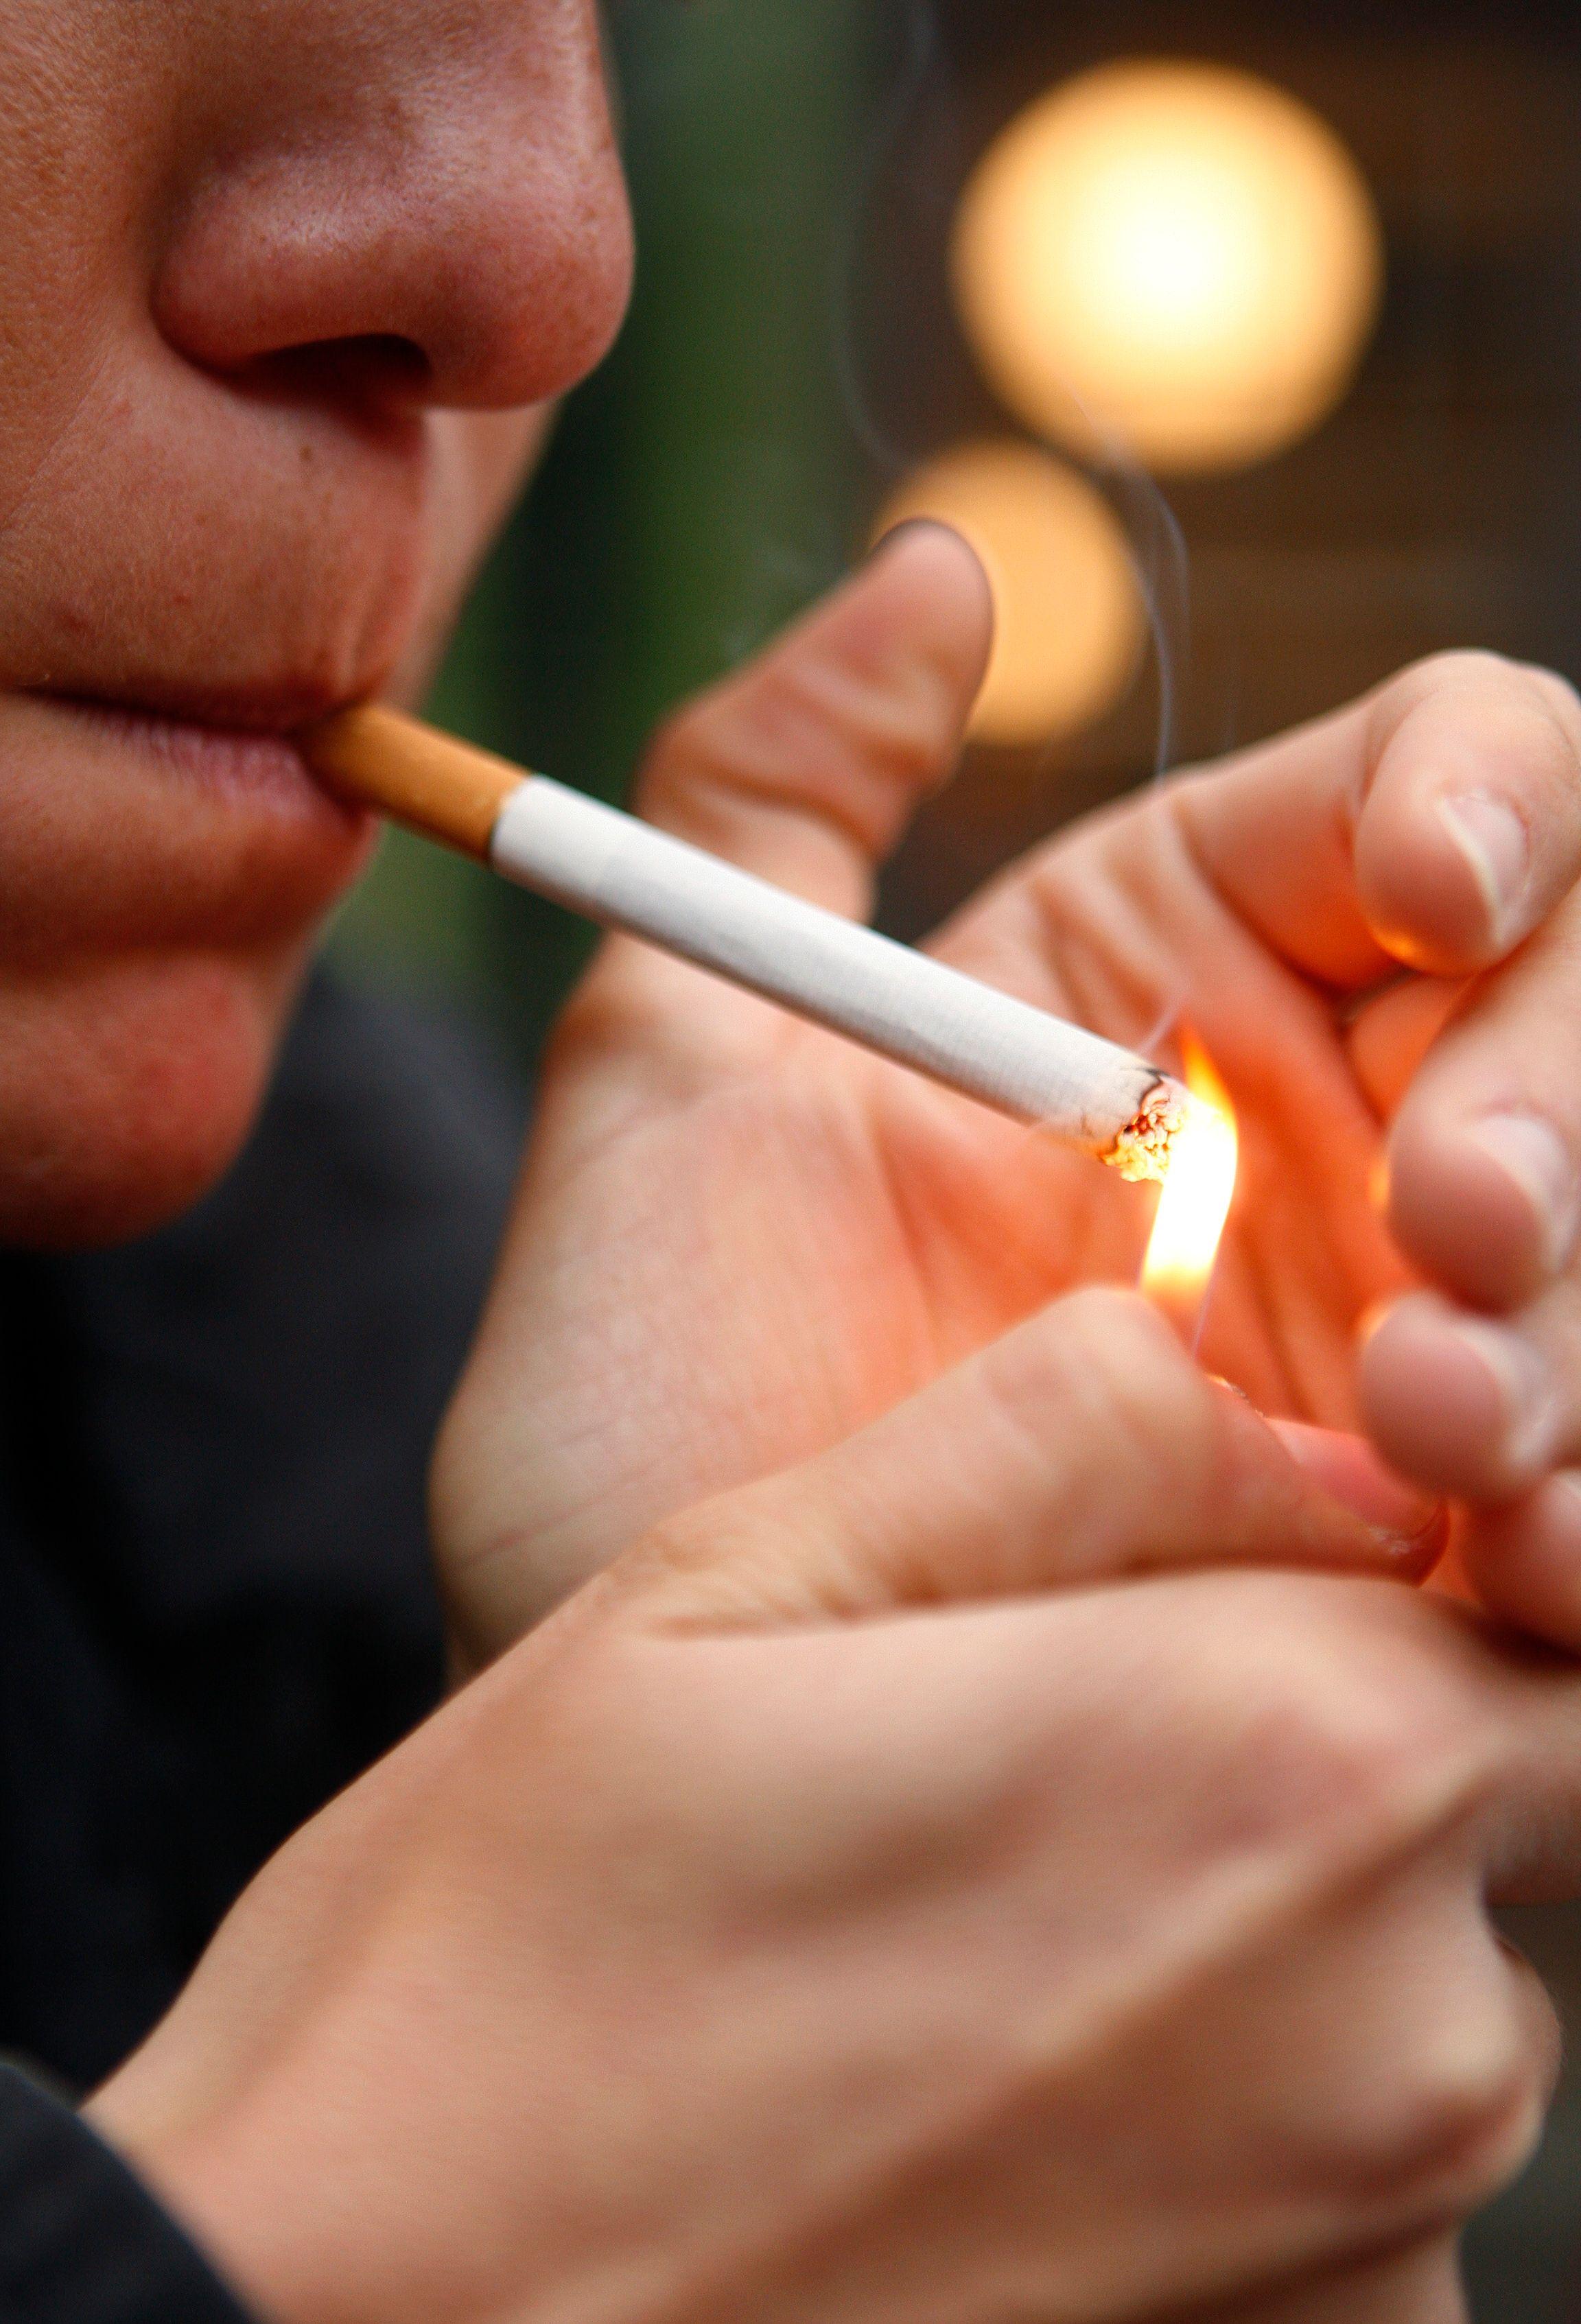 Automobiliste et fumeurs : vaches à lait des finances publiques